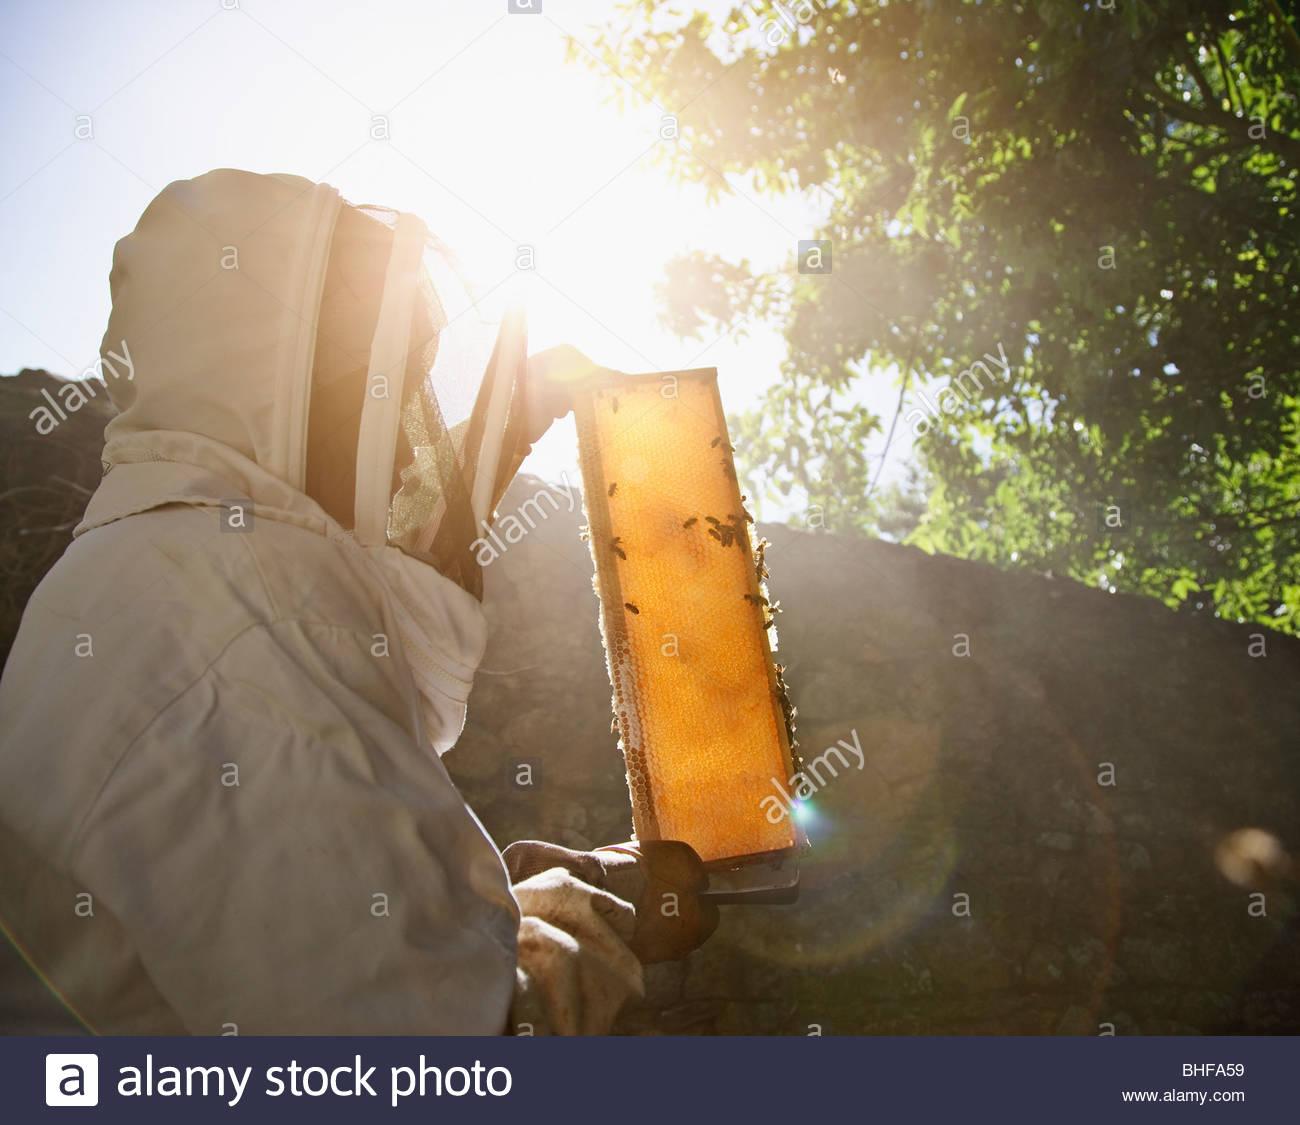 The Beekeeper exploração abelhas e favo de mel Imagens de Stock